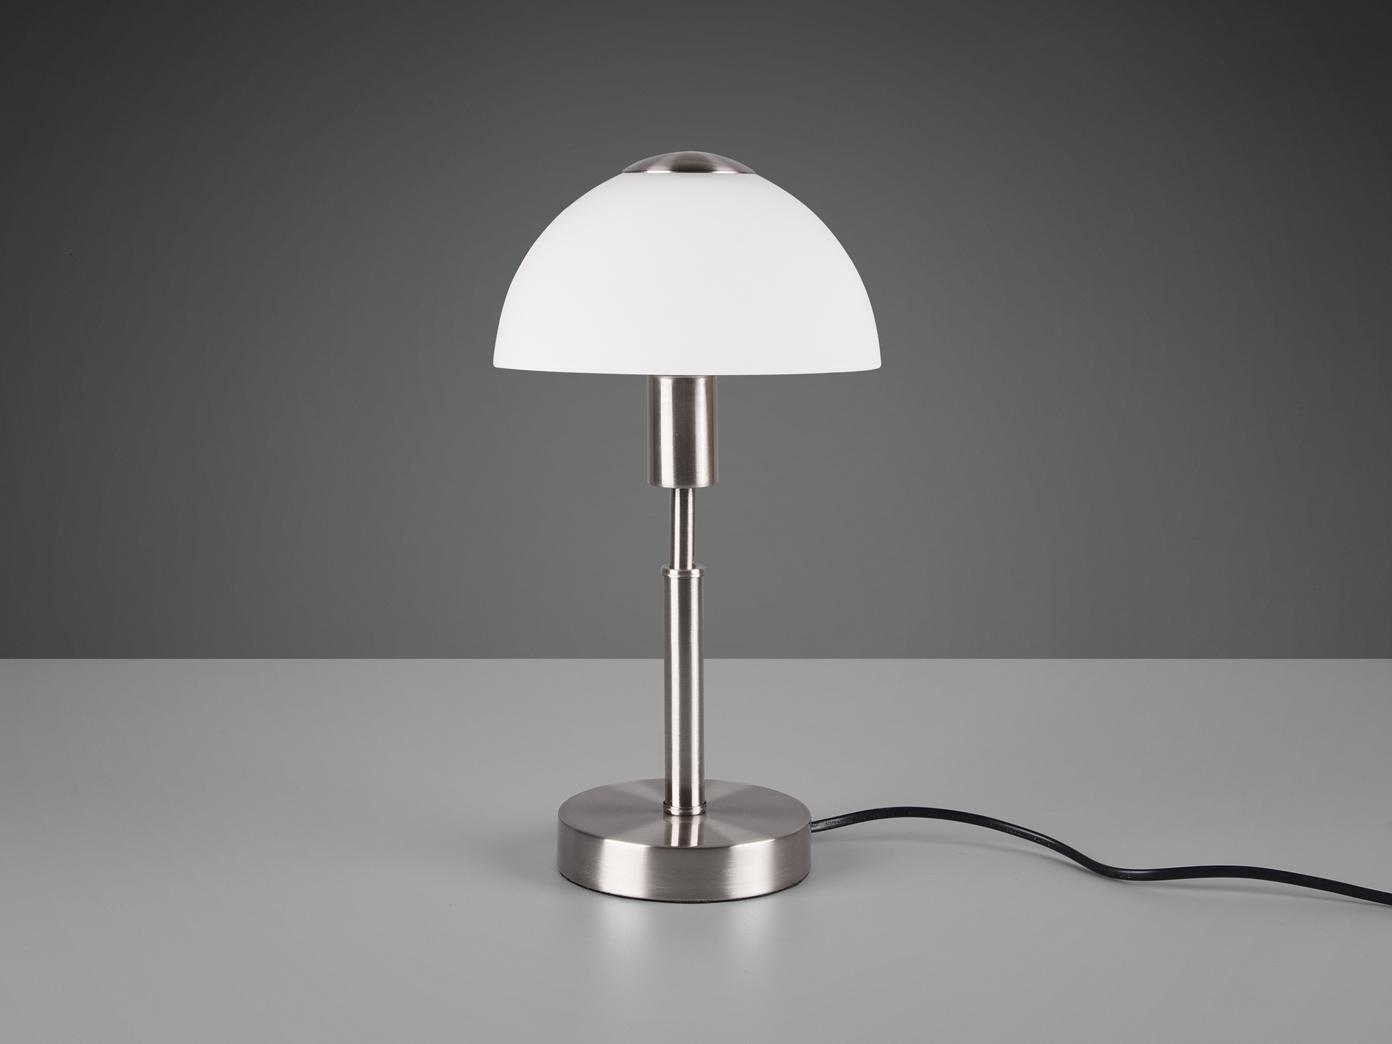 Moderne Tischleuchte mit Glas Schirm in weiß /& Touch Dimmer fürs Wohnzimmer